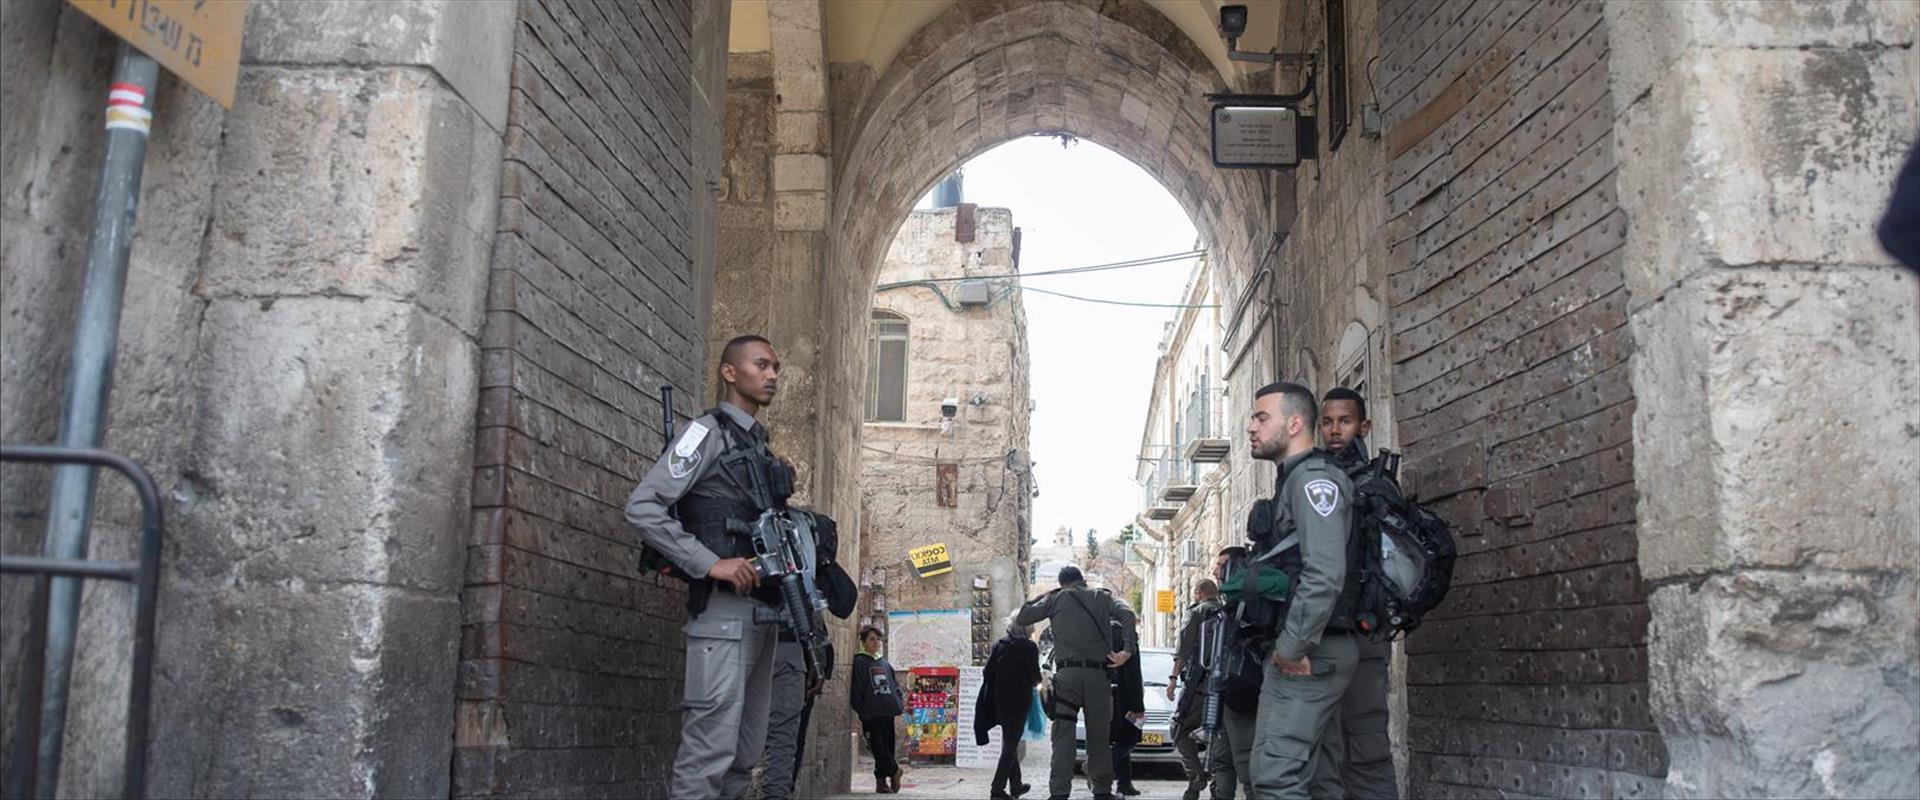 כוחות משטרה בעיר העתיקה בירושלים, 2019